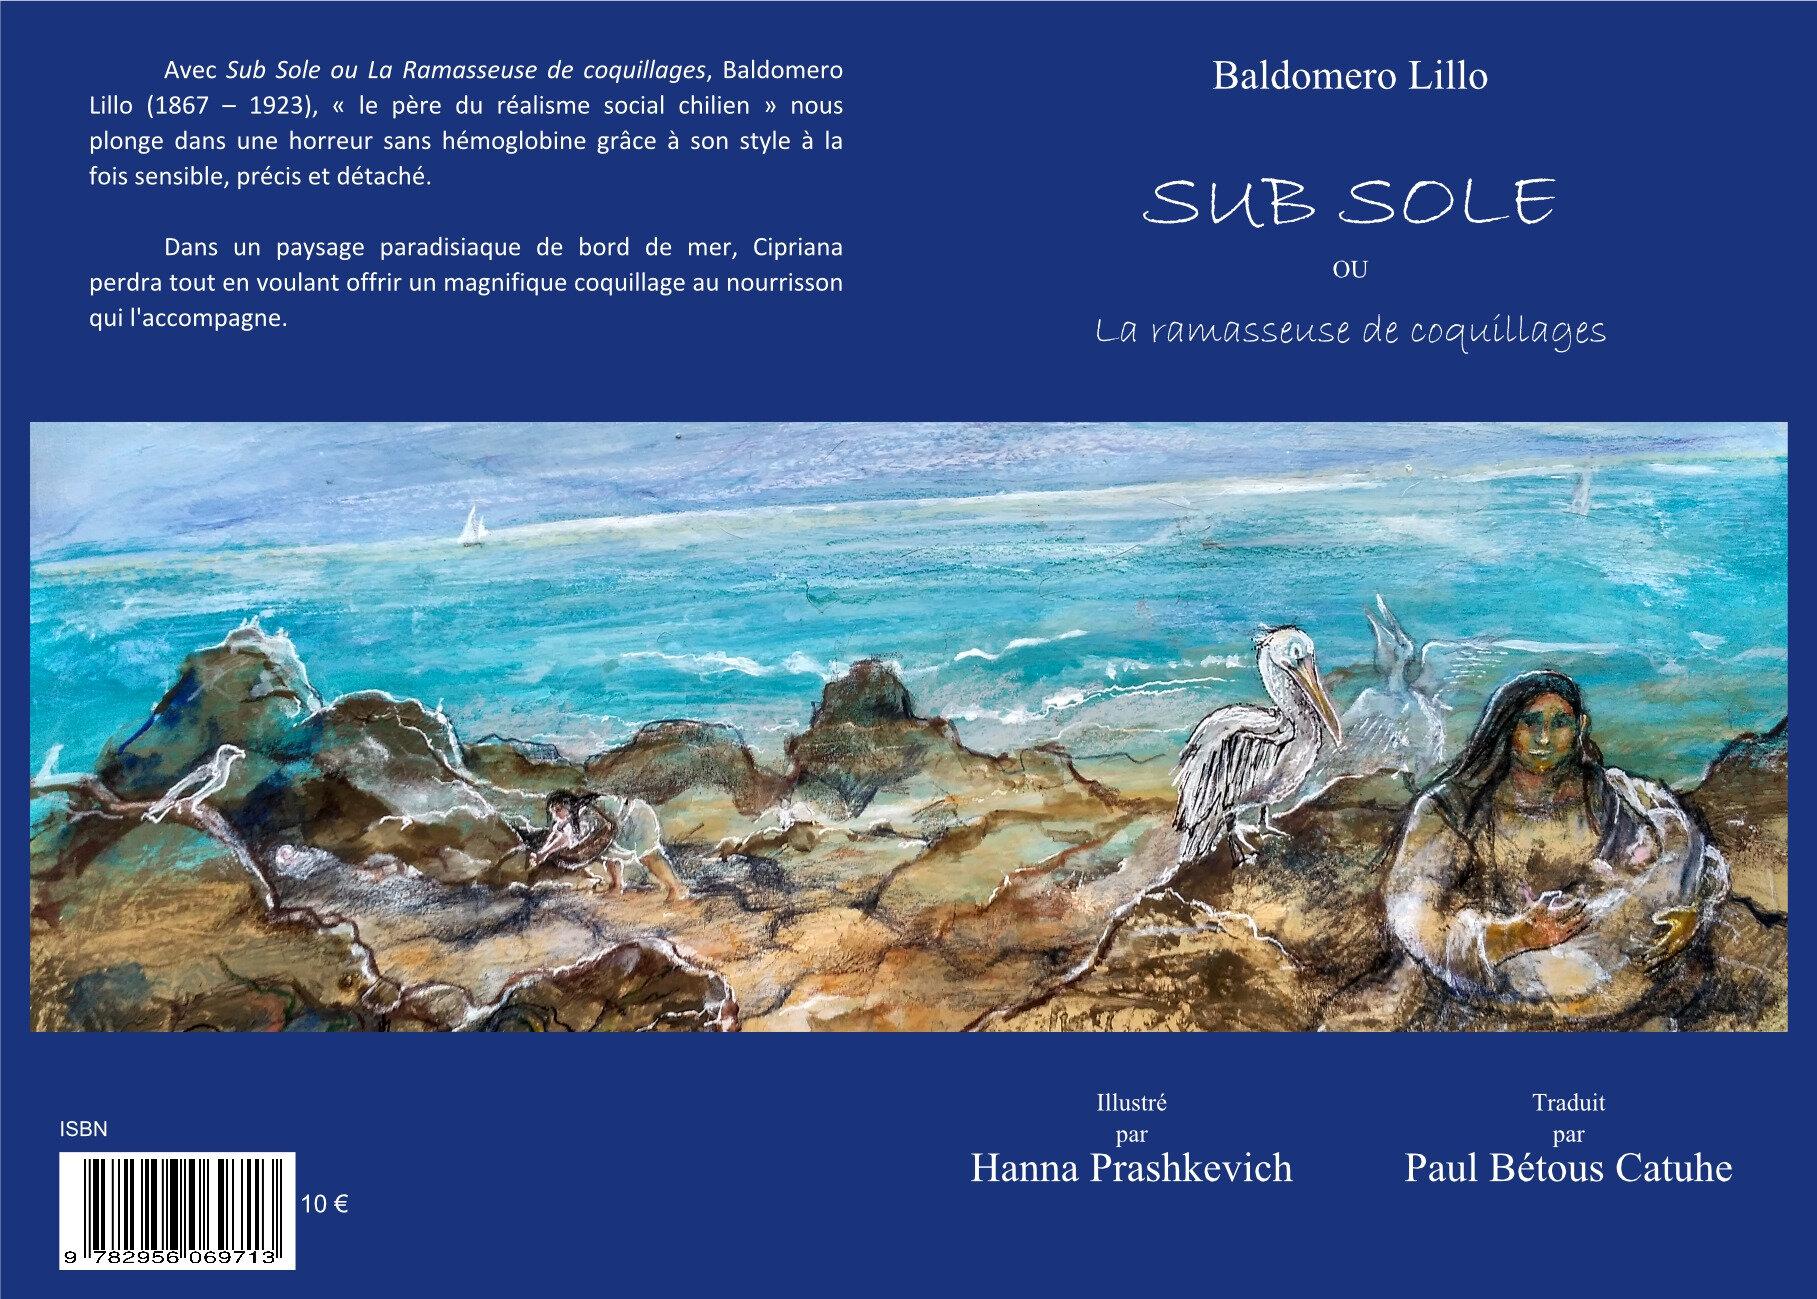 Sub Sole ou la ramasseuse de coquillages de Baldomero Lillo - en version illustrée.